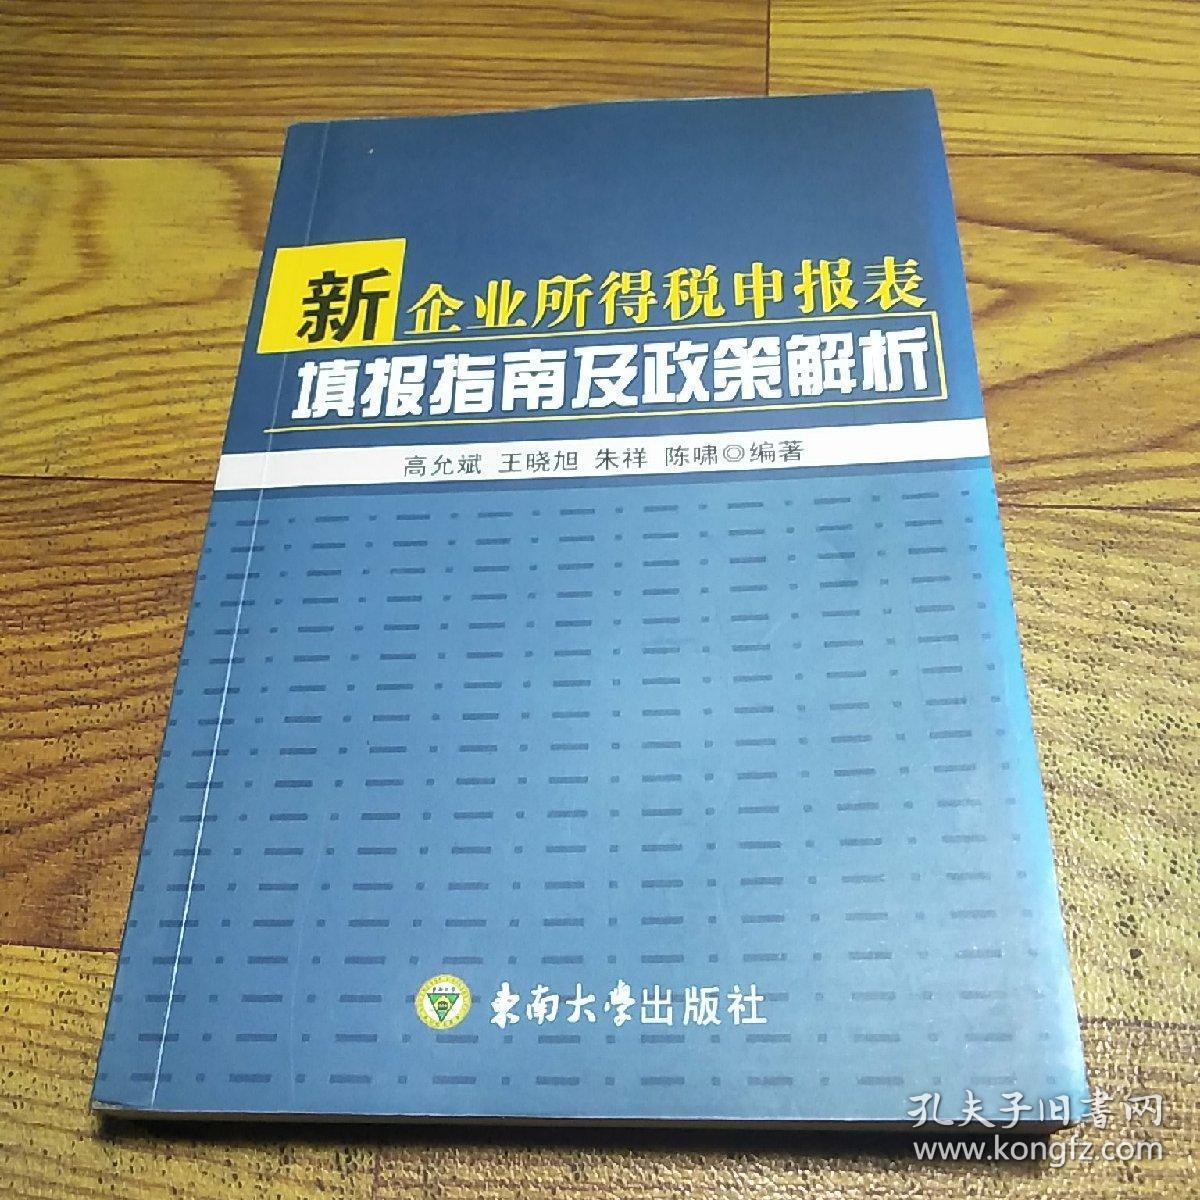 新企业所得税申报表填报指南及政策解析